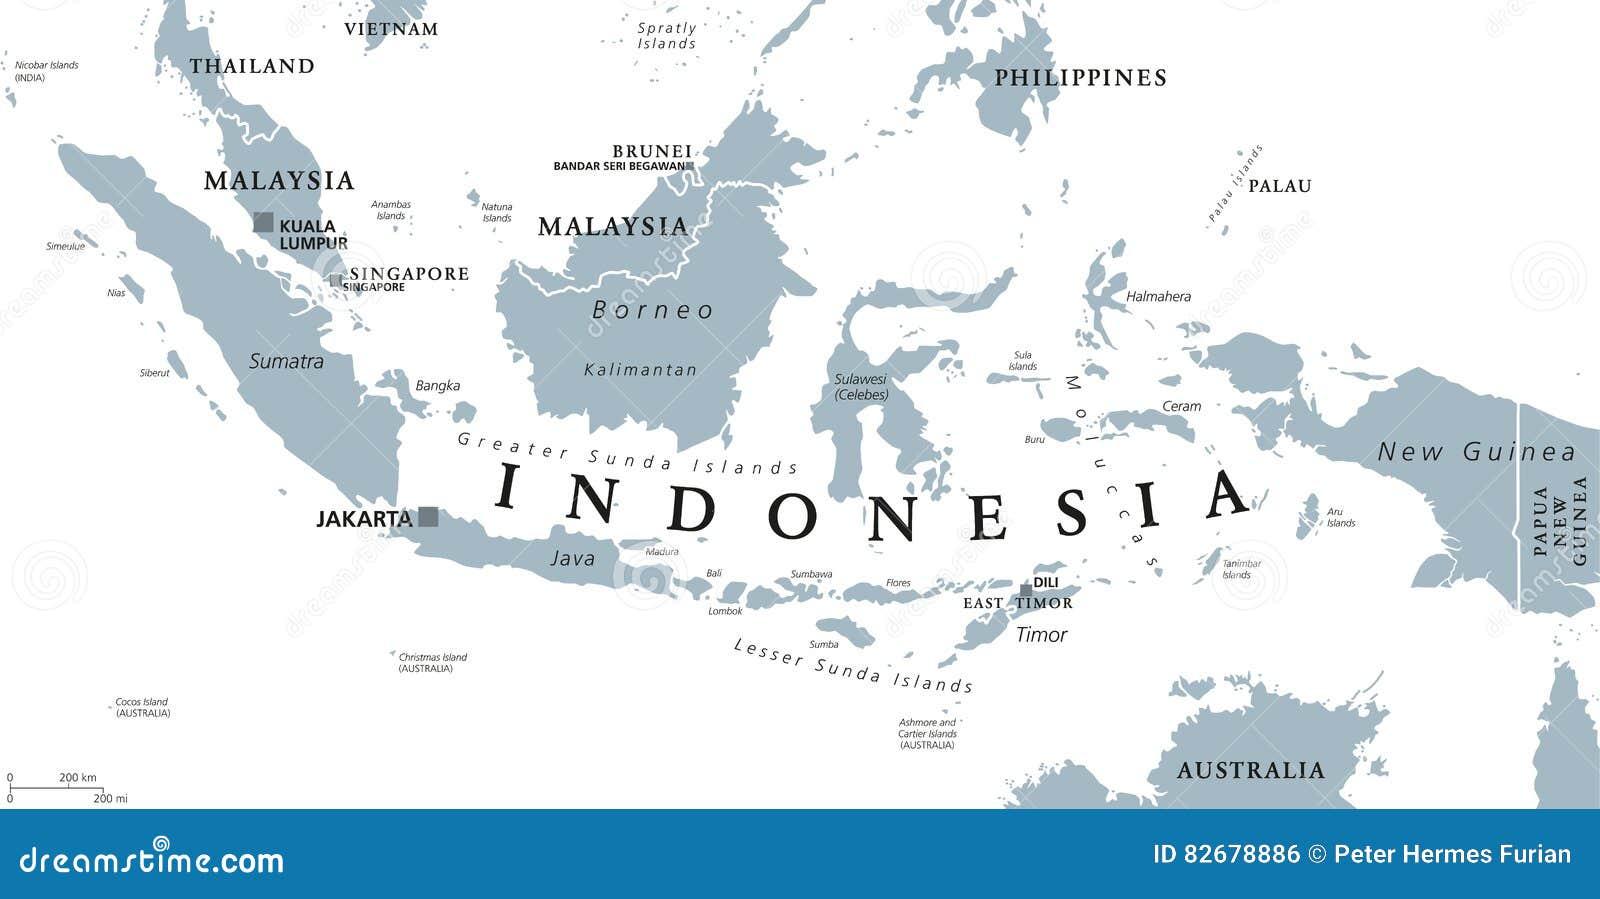 Carte Asie Malaisie Indonesie.Carte Politique De L Indonesie Illustration De Vecteur